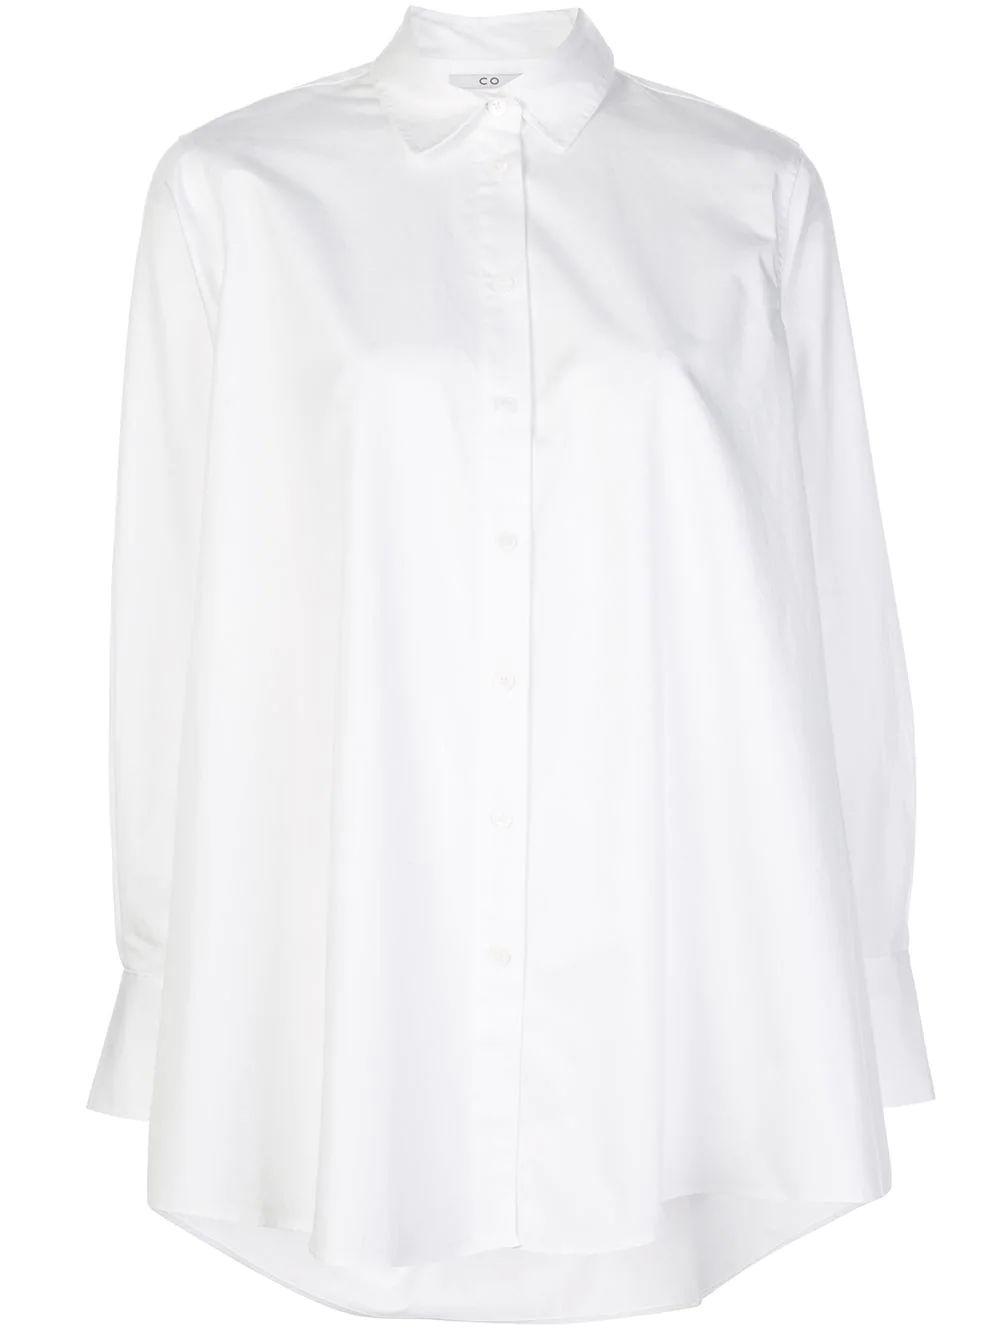 Button Front A- Line Blouse Item # 1179STN-ESSN